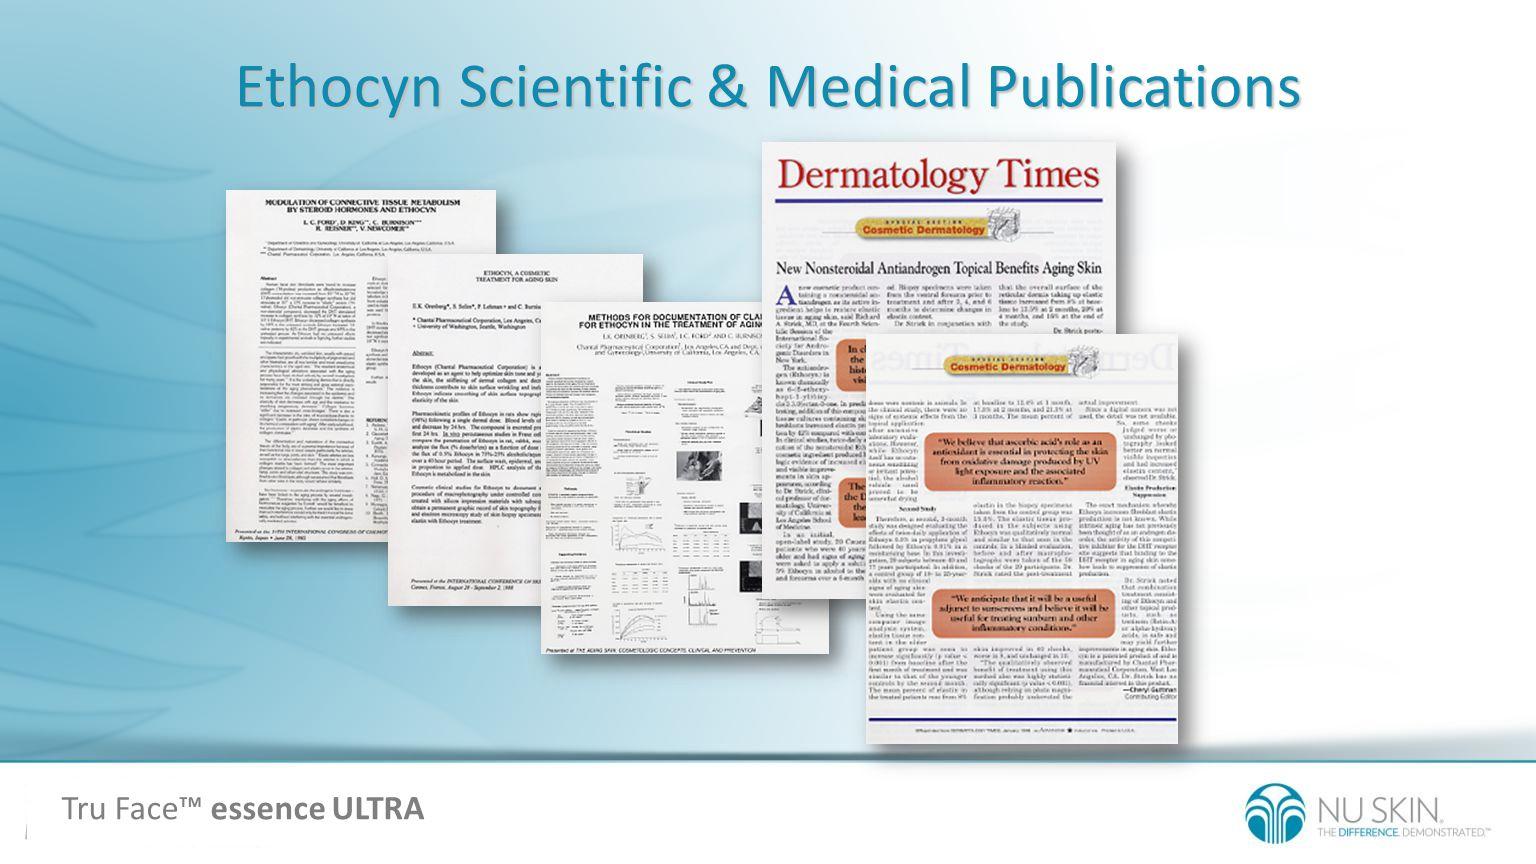 Ethocyn Scientific & Medical Publications